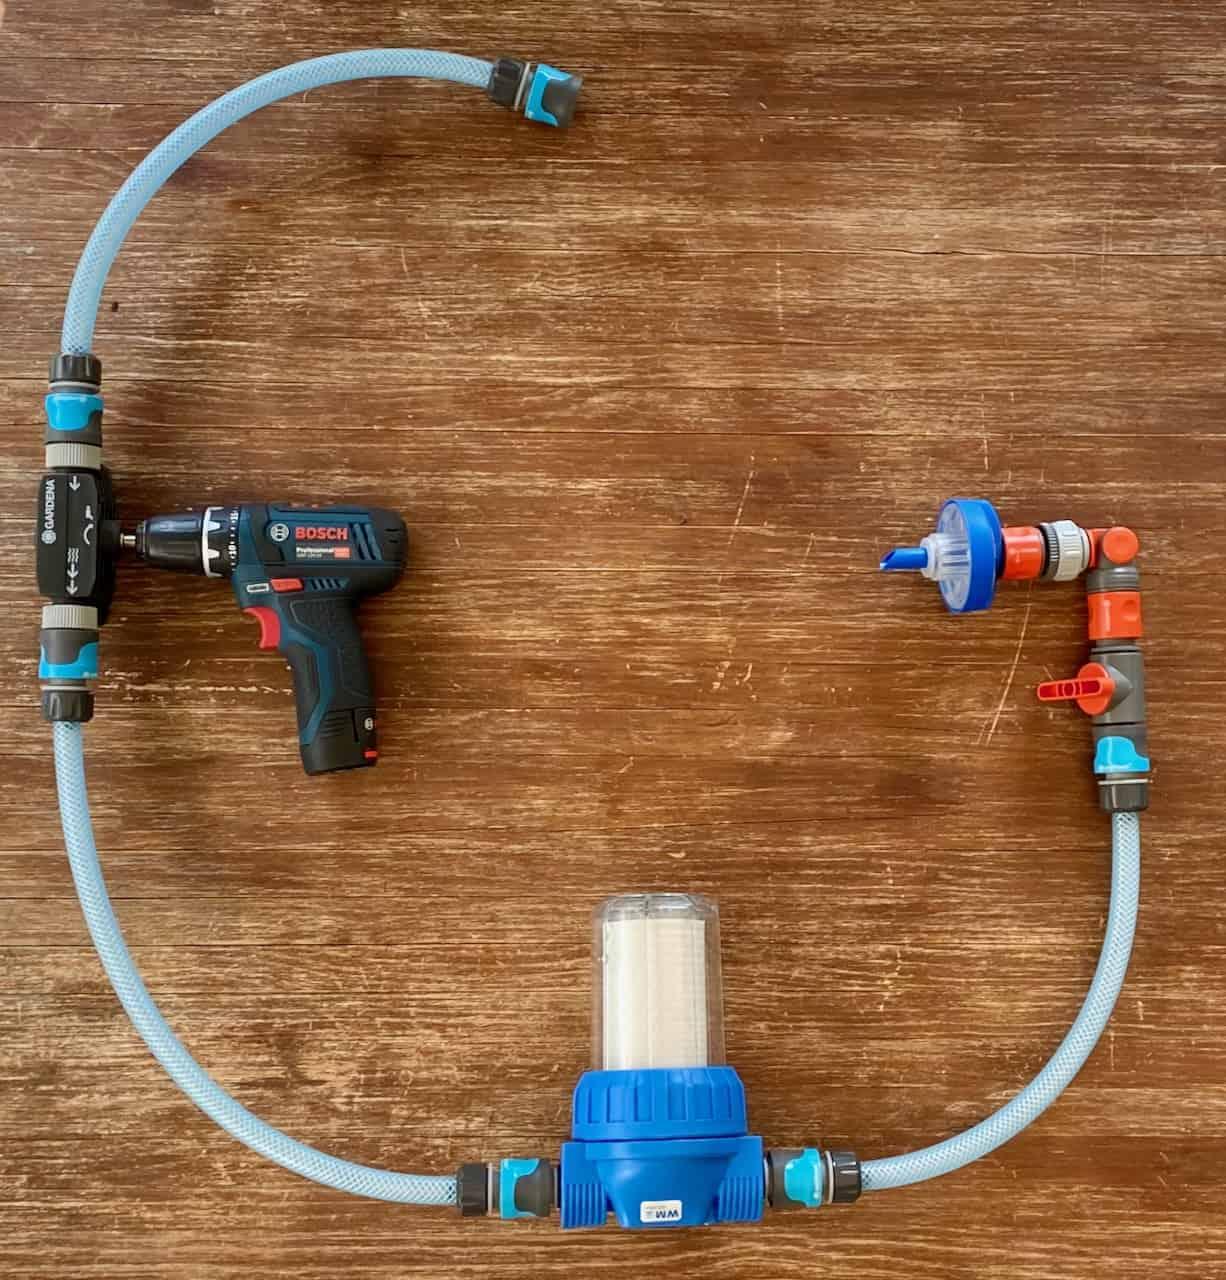 Wasserversorgung-Wassertanken-Heosoltution-Heoswater-Gardena-Wassertankkonstruktion-Bohrmaschinenpumpe-Akkubohrer-Wasserschlauch